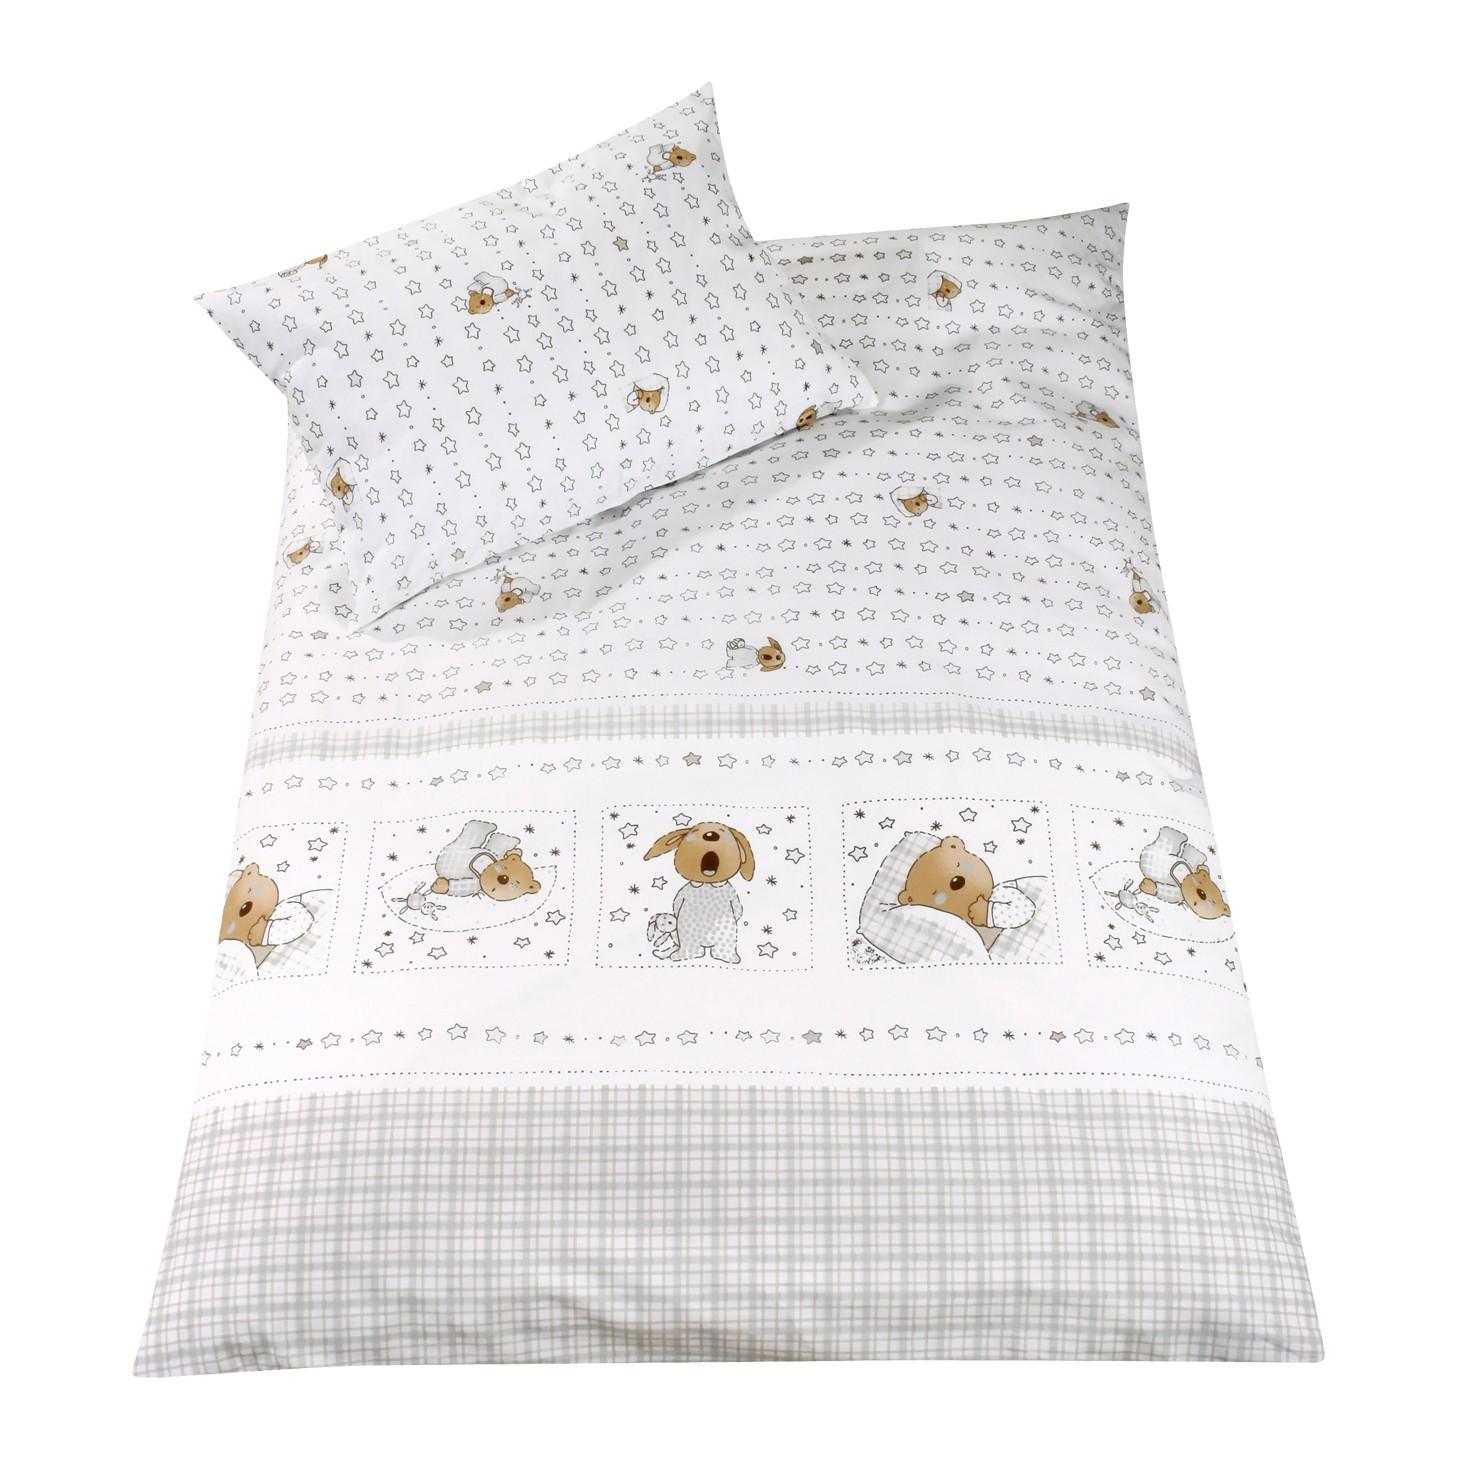 Babybettwäsche Sweet Dreams (2-teilig) – Decken- & Kissenbezug – Weiß – 80 cm x 80 cm & 35 cm x 40 cm, Julius Zöllner günstig kaufen